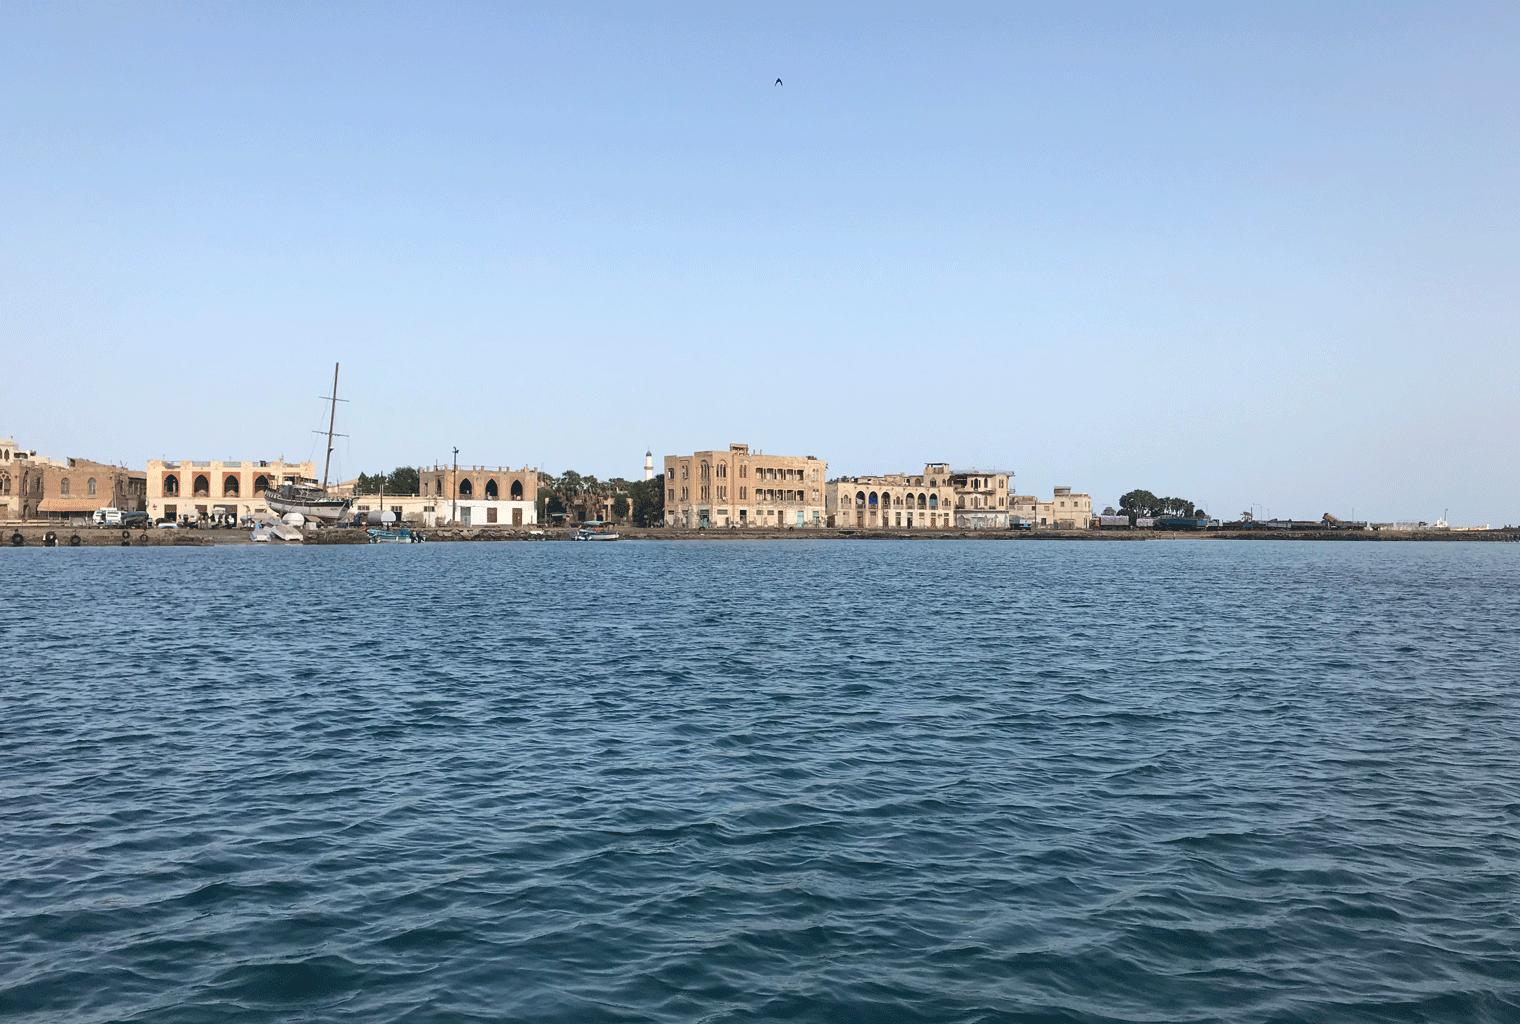 Dahalak-Archipelago